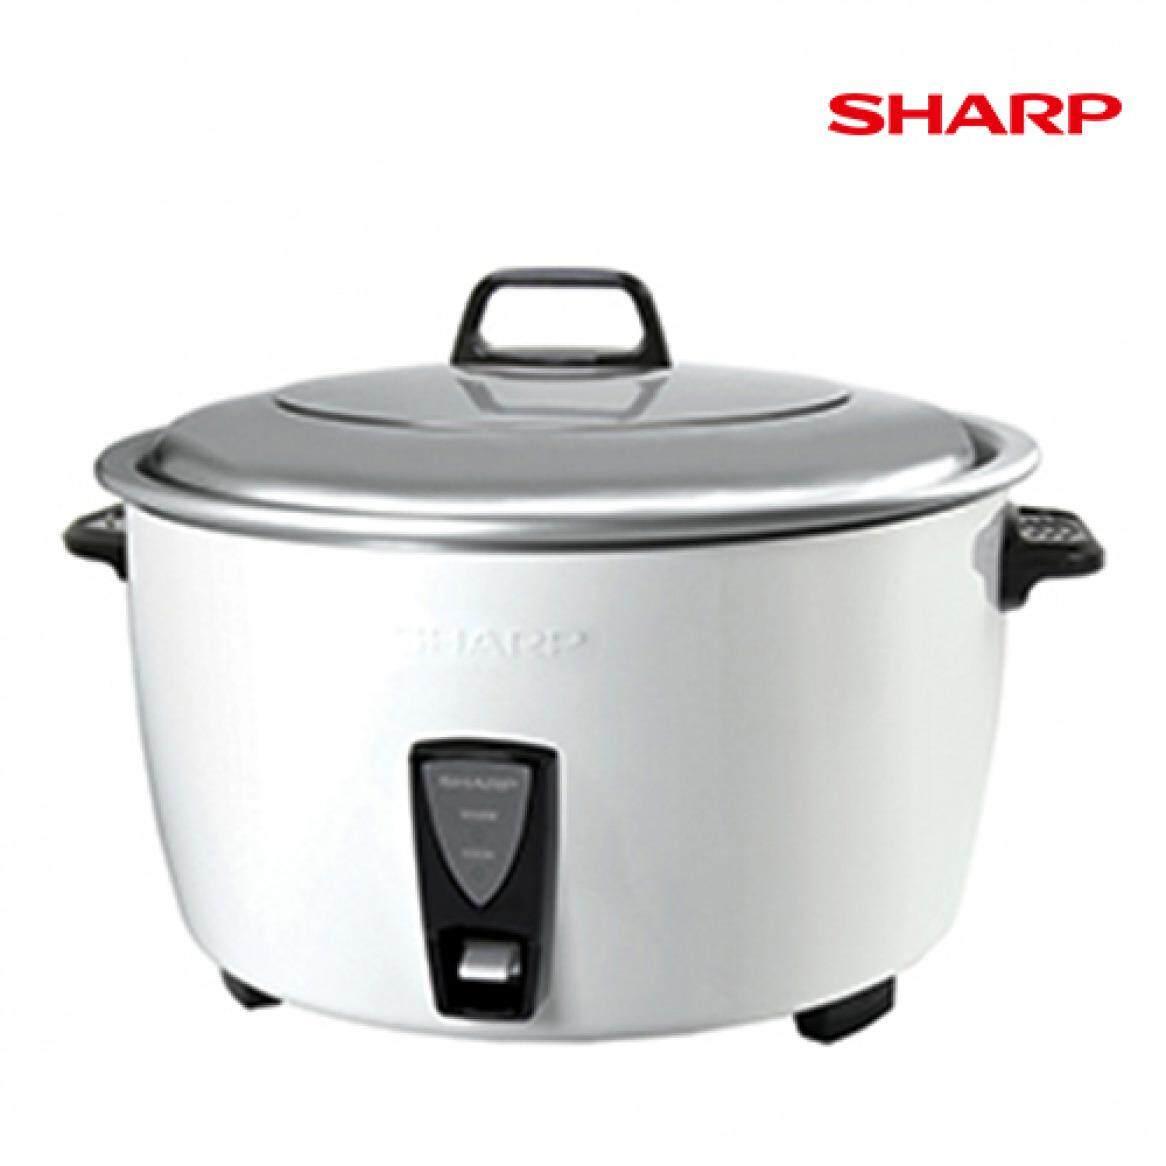 ขาย Sharp หม้อหุงข้าว รุ่น ซูโม่ Ksh D77 ขนาด 7 ลิตร White Sharp ออนไลน์